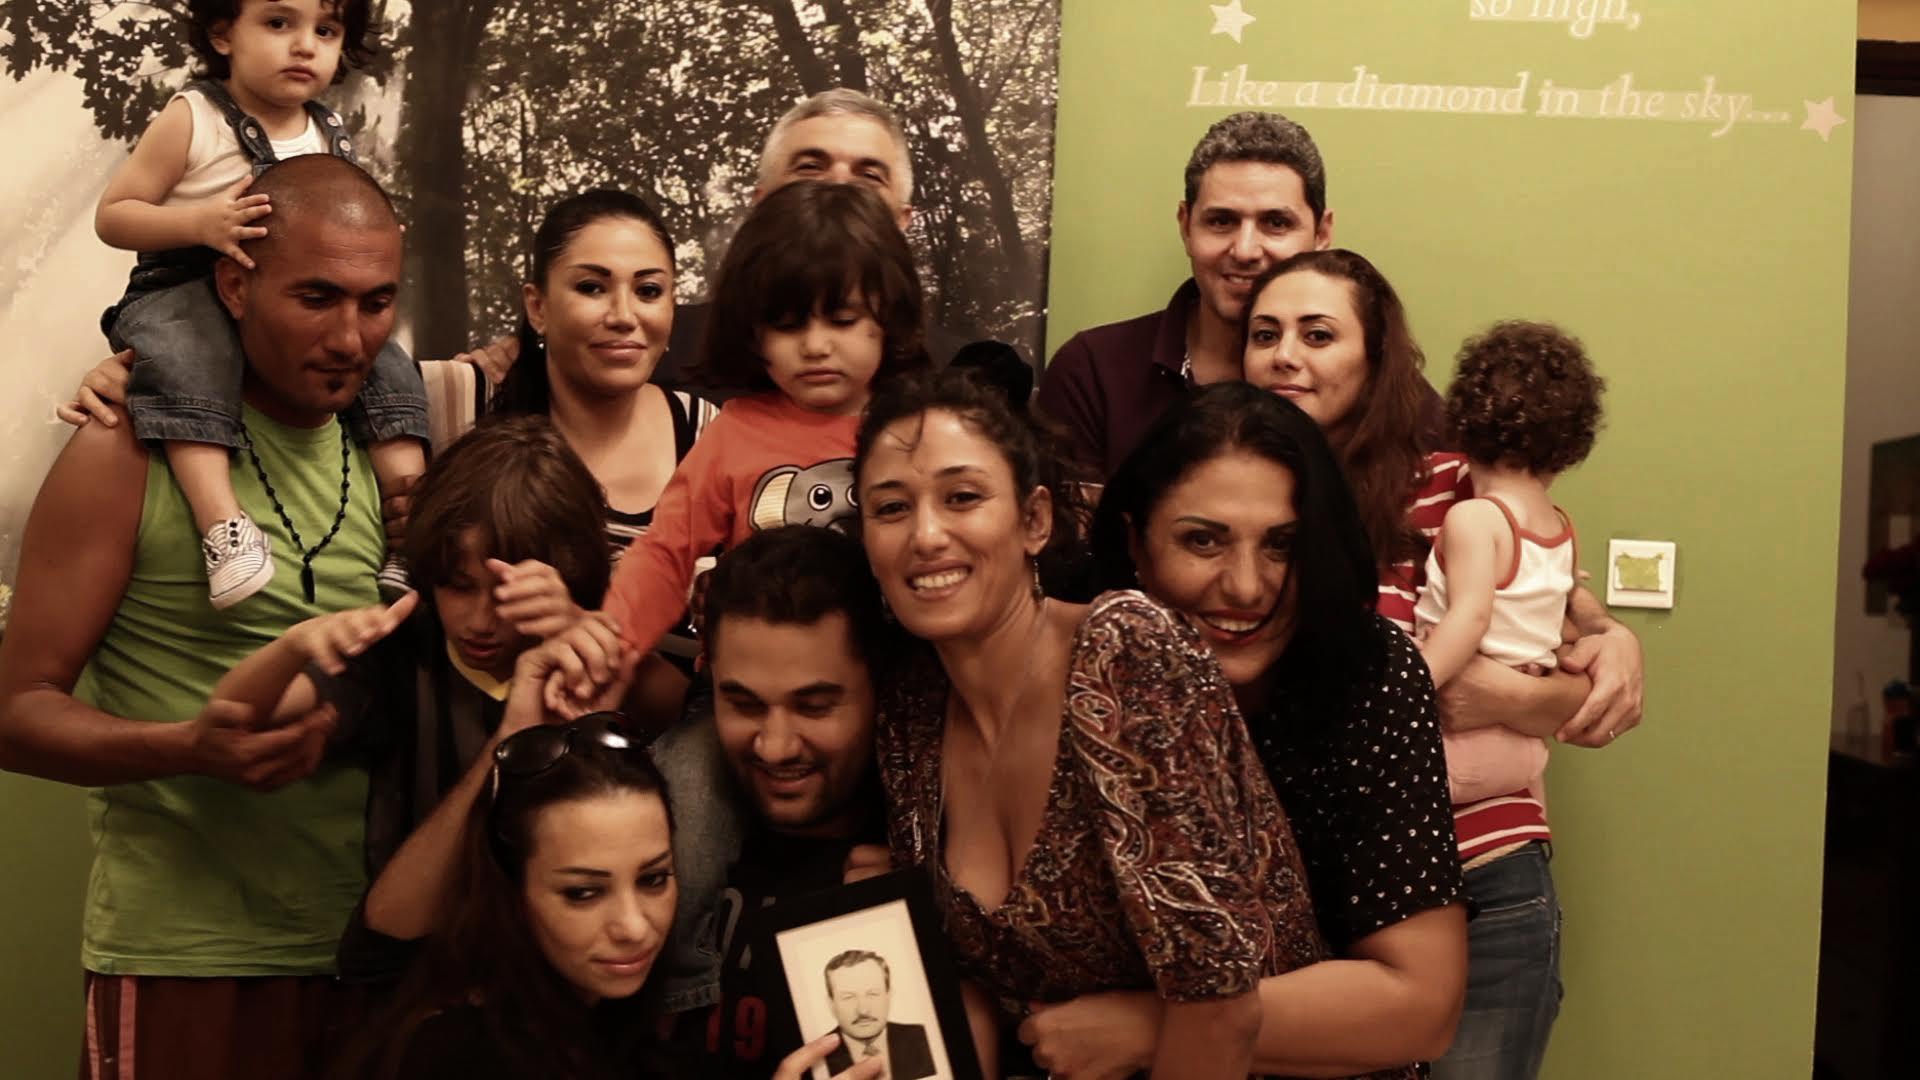 الحميمي والعفوي كركيزة درامية للوثائقي العربي الجديد